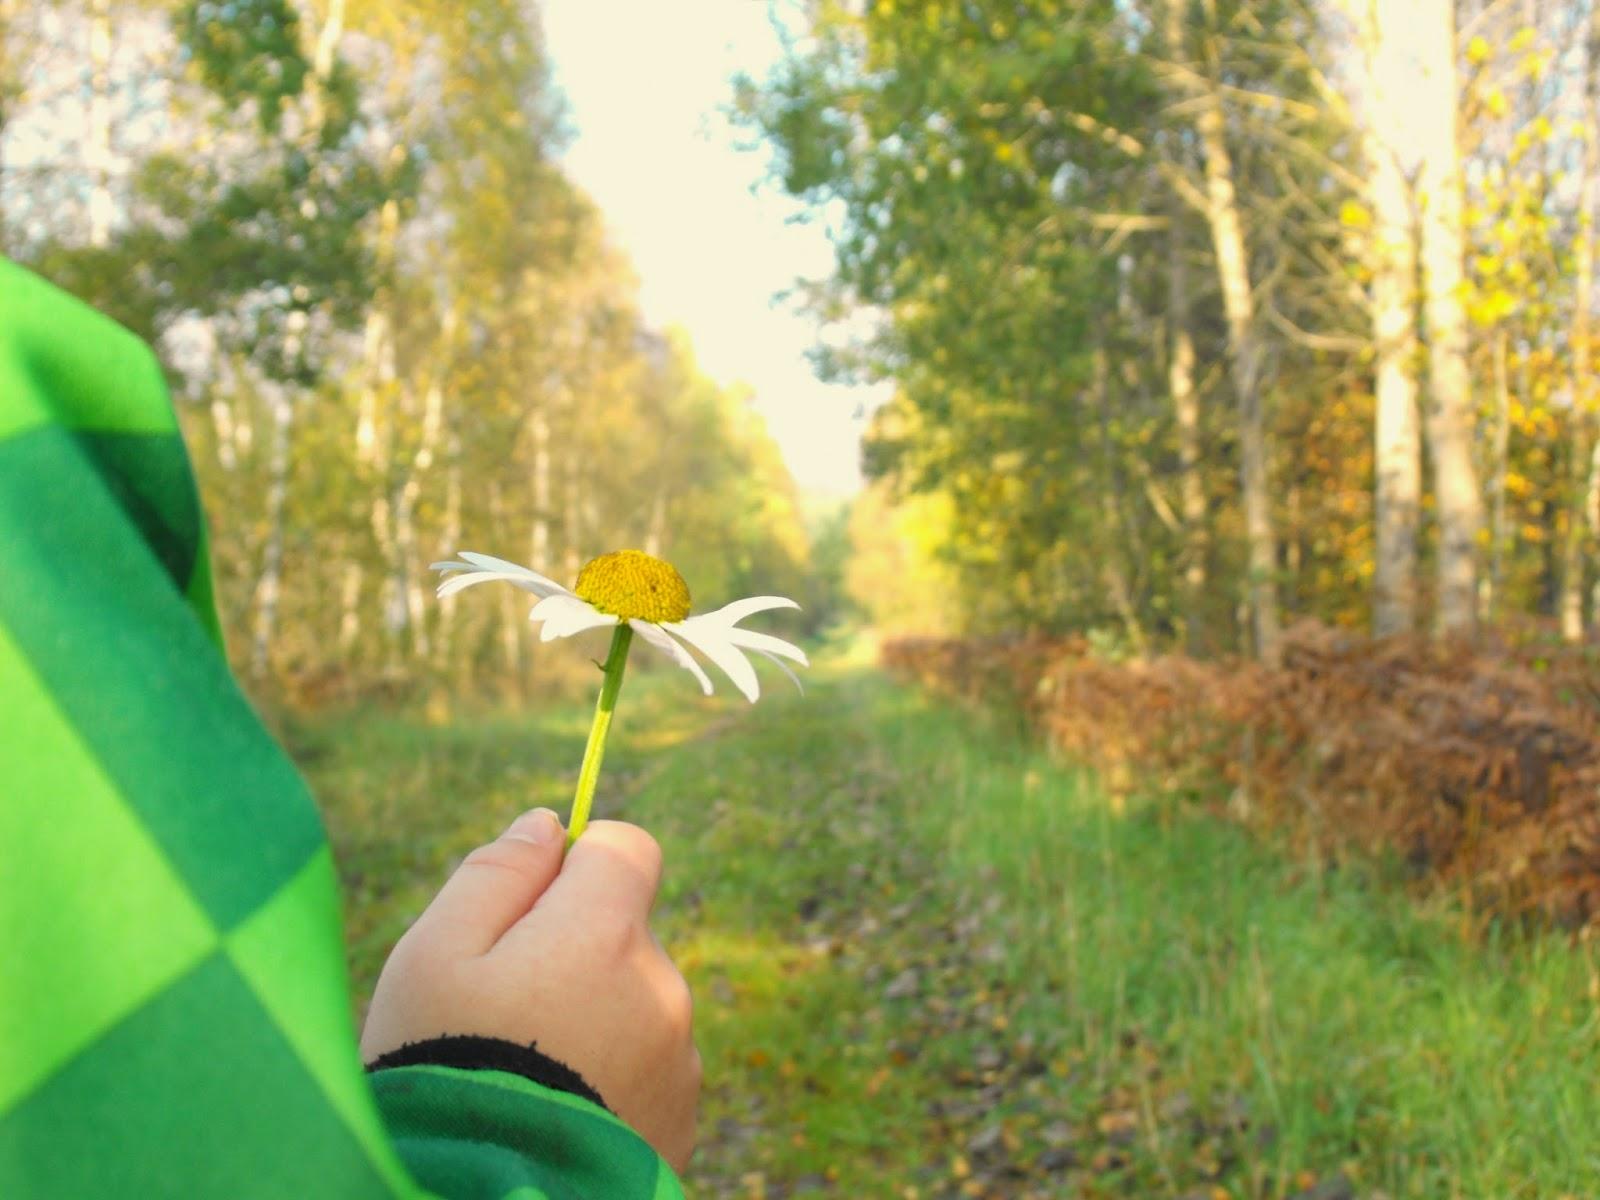 promenad, höst, autum, Sösdala, Hässleholm, landet, Hässleholms kommun, Sosdala, vacker natur, mossaspåret